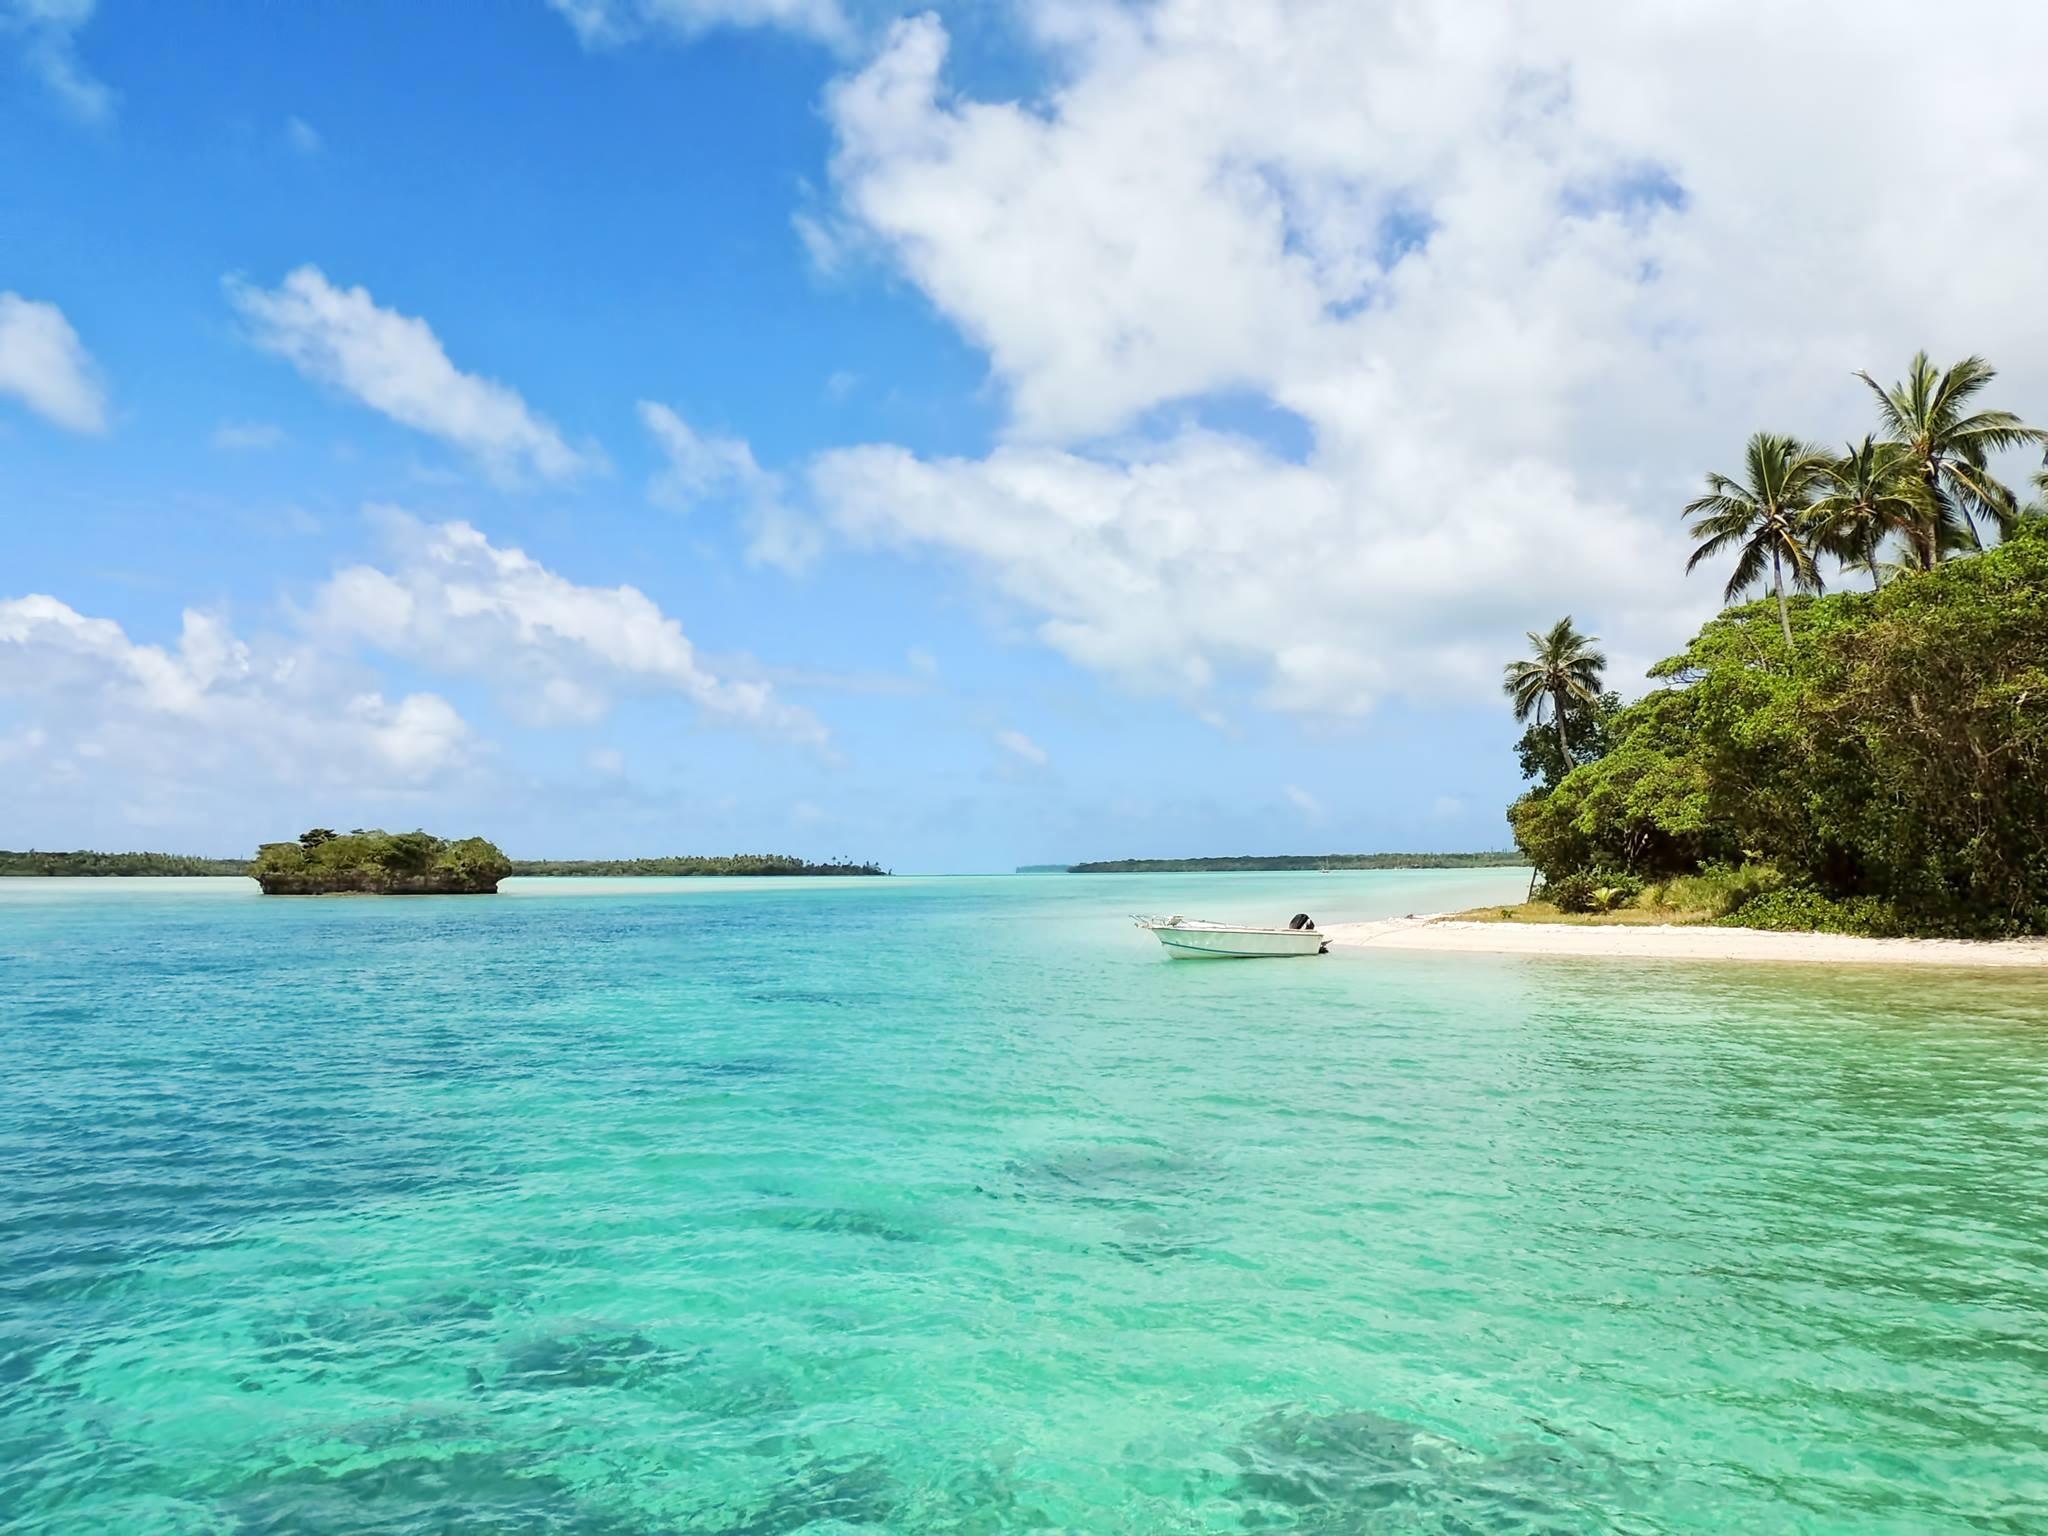 ニューカレドニアのおすすめホテル11選!ヌメアや離島のリゾート人気の秘密は?